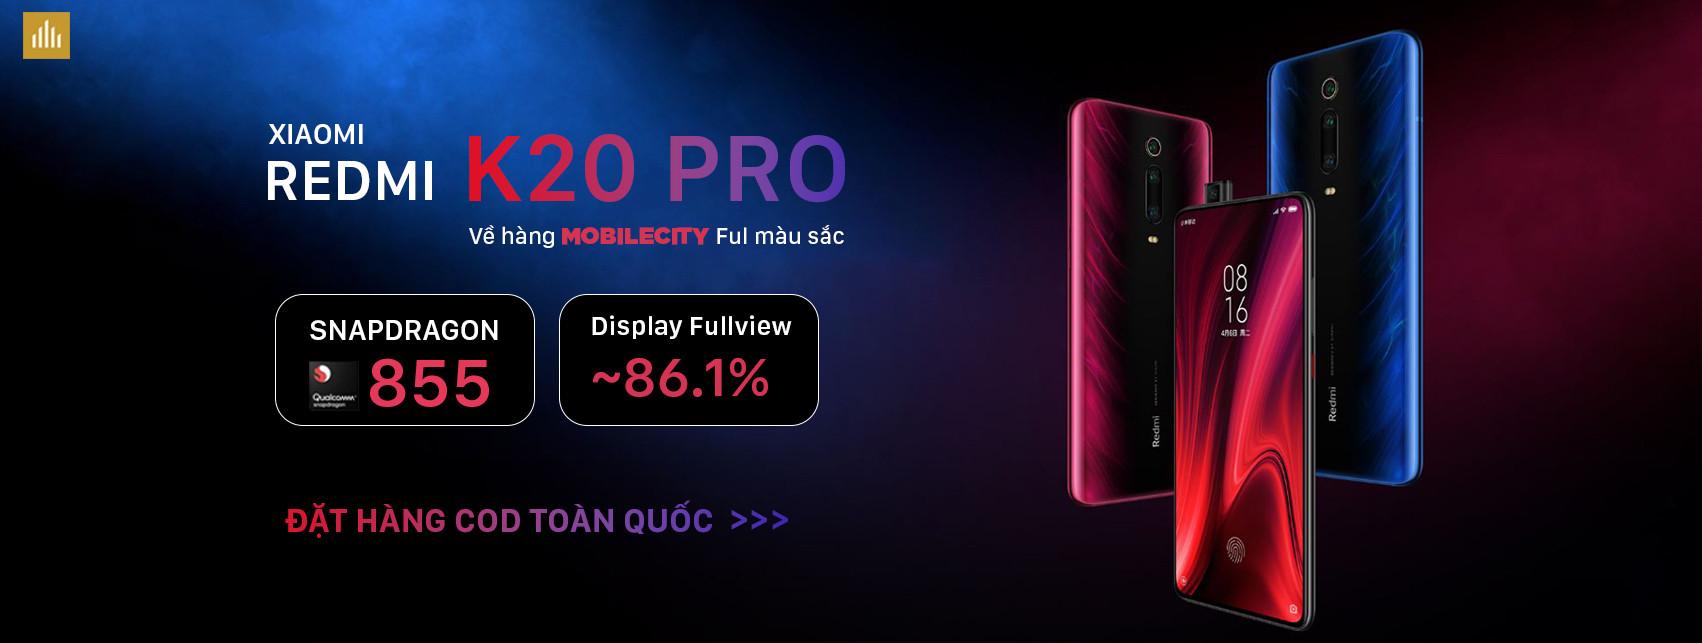 Đặt hàng Xiaomi Redmi K20 Pro